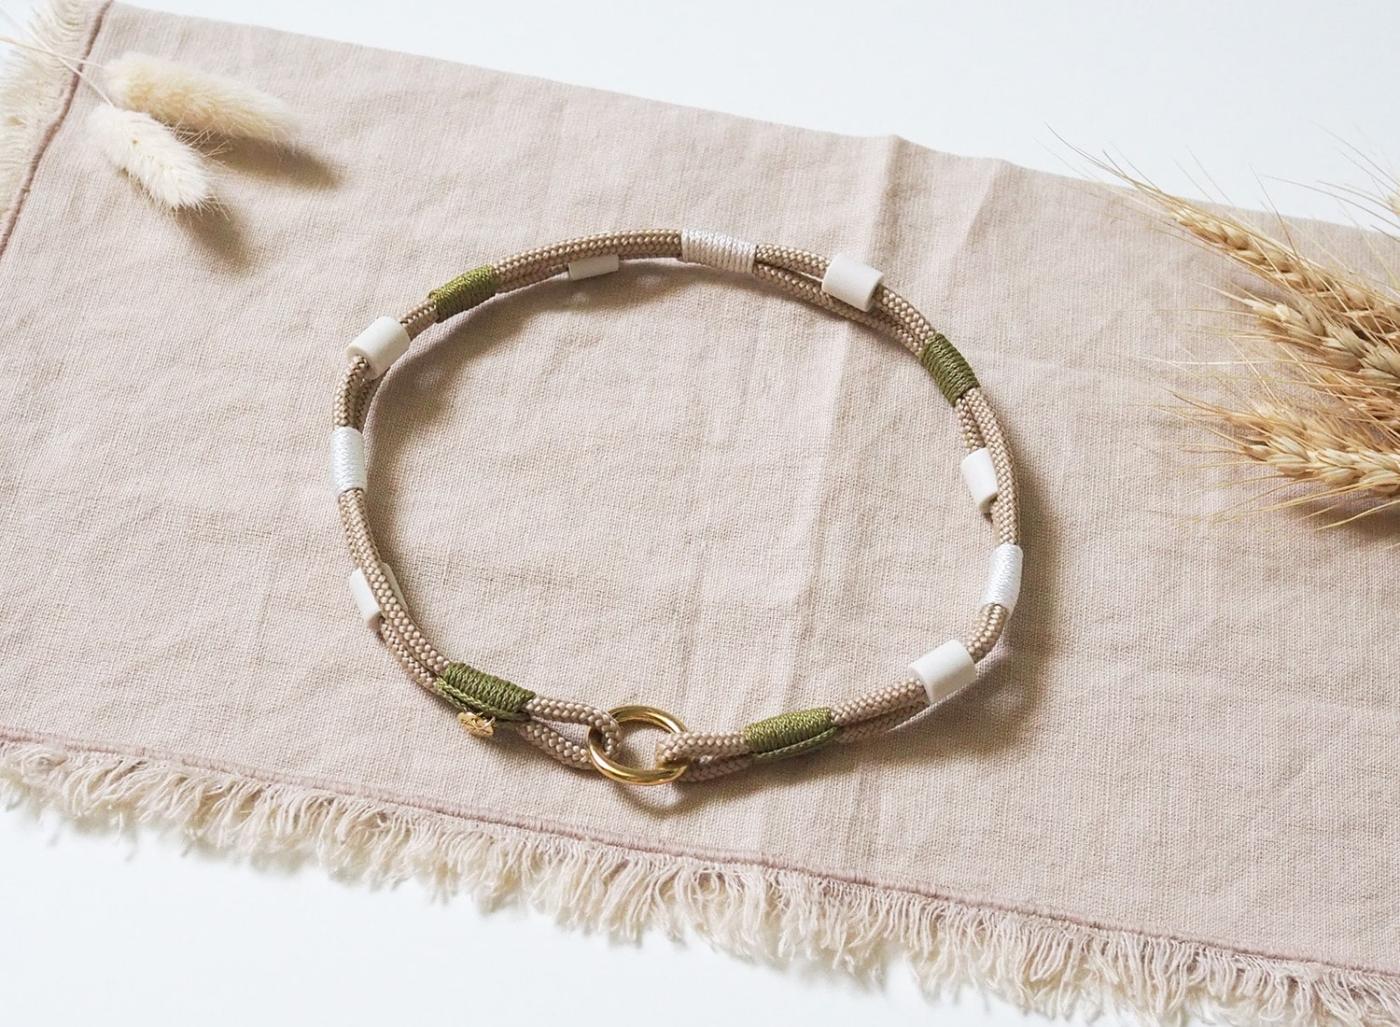 Dünnes EM-Keramik Bändchen - Anti-Zeckenband in beige und grün mit goldenen Details aus dünnem Tau.